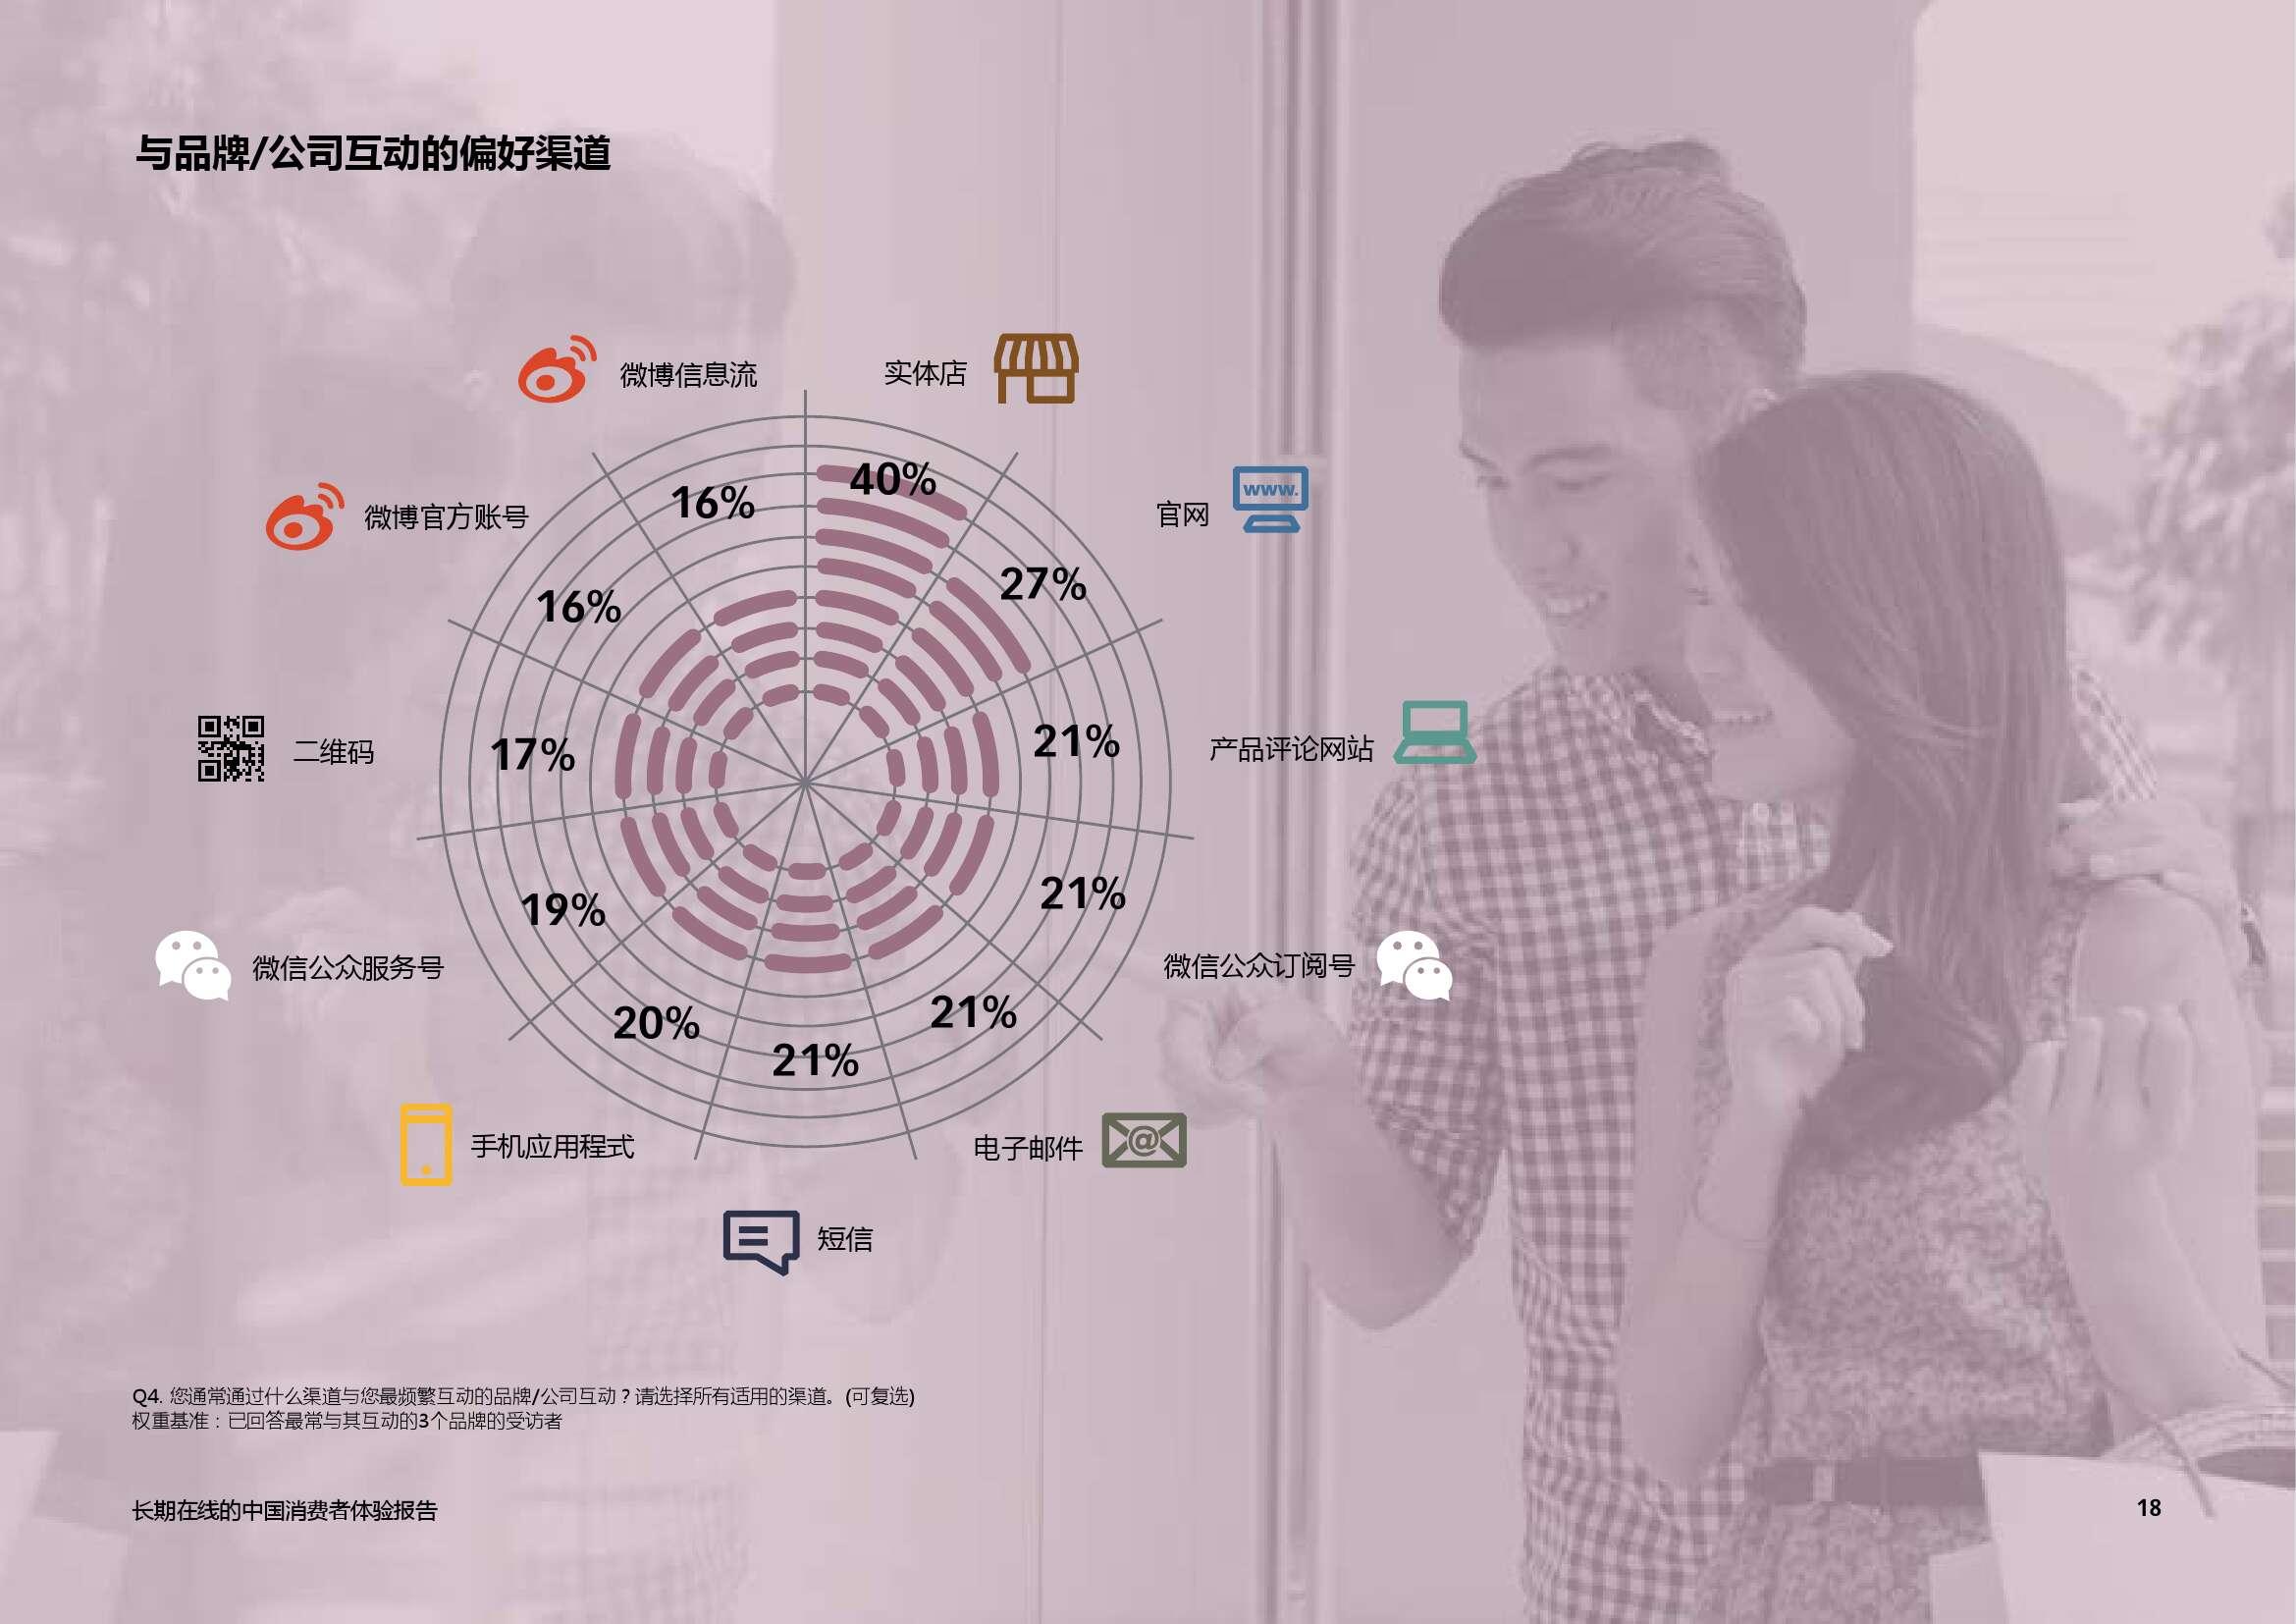 艾司隆 (Epsilon):2015中国消费者品牌体验报告_000018